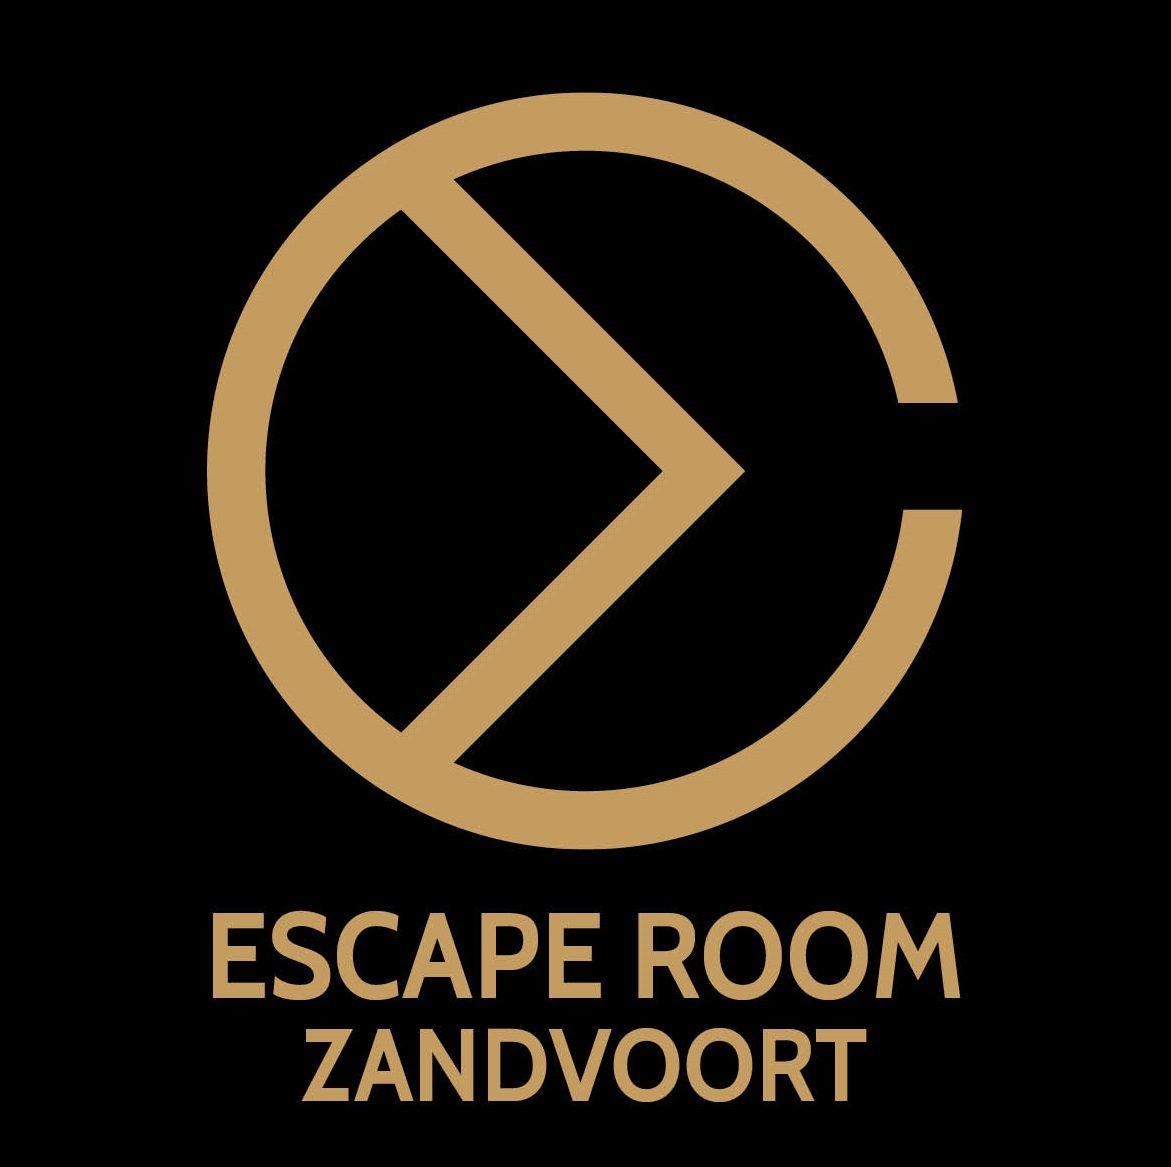 Escape Room Zandvoort